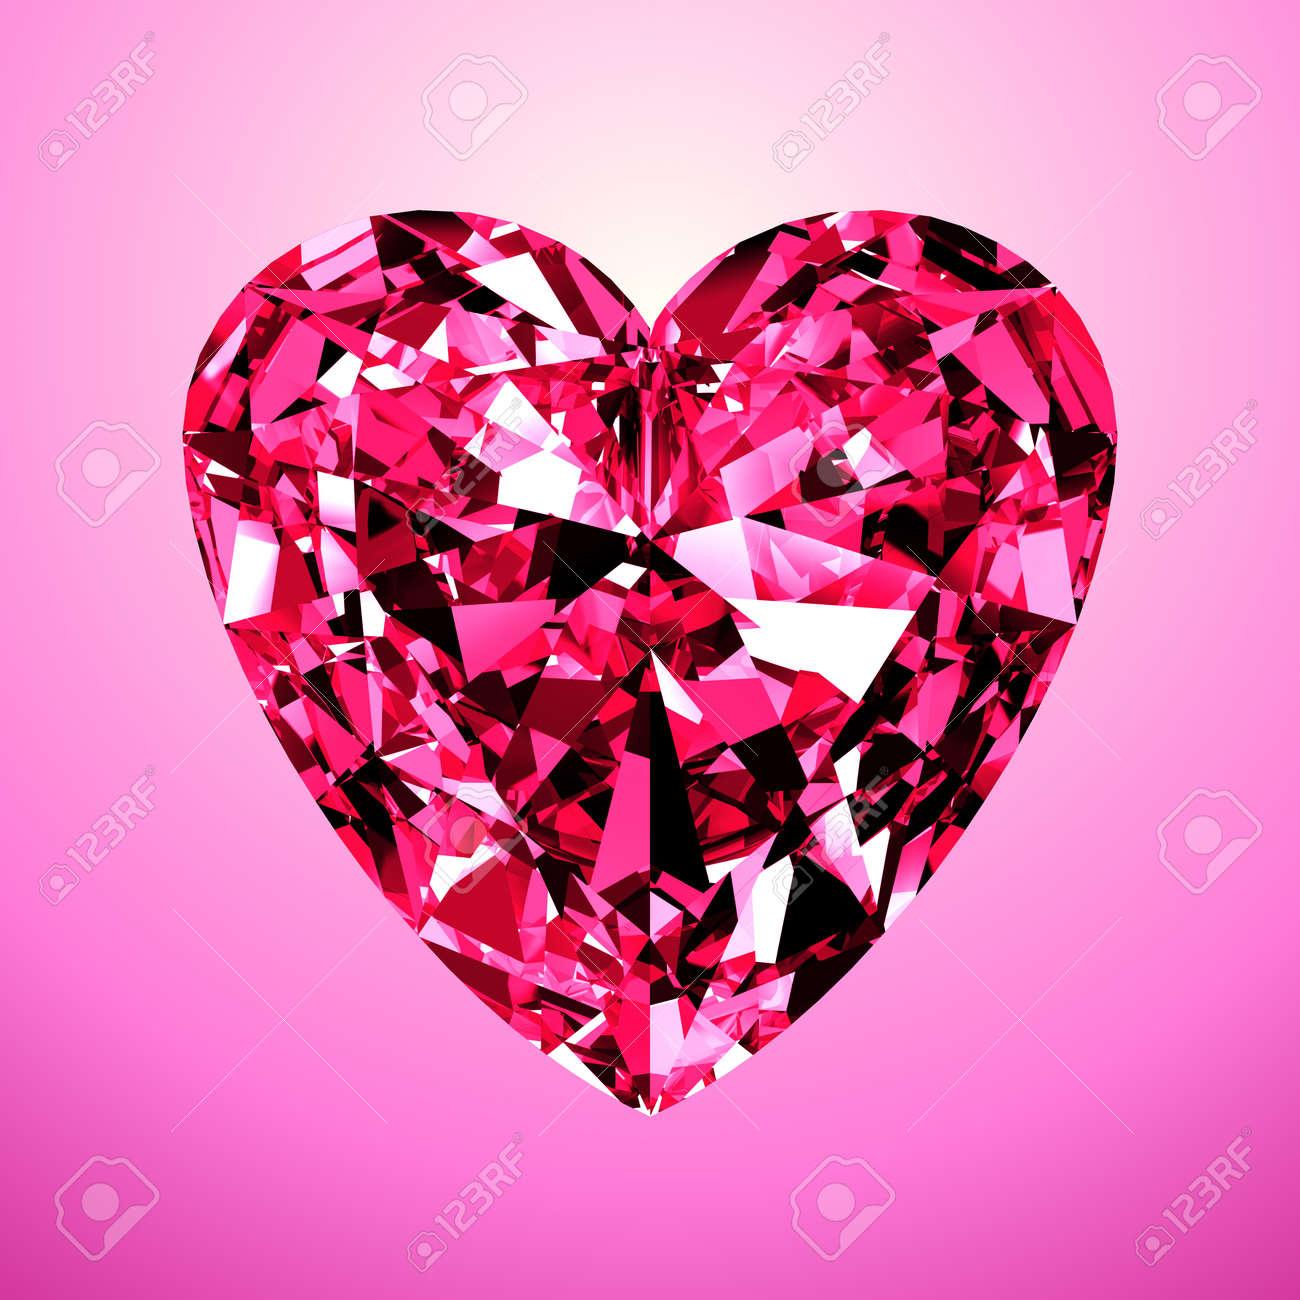 corazón del diamante rosa